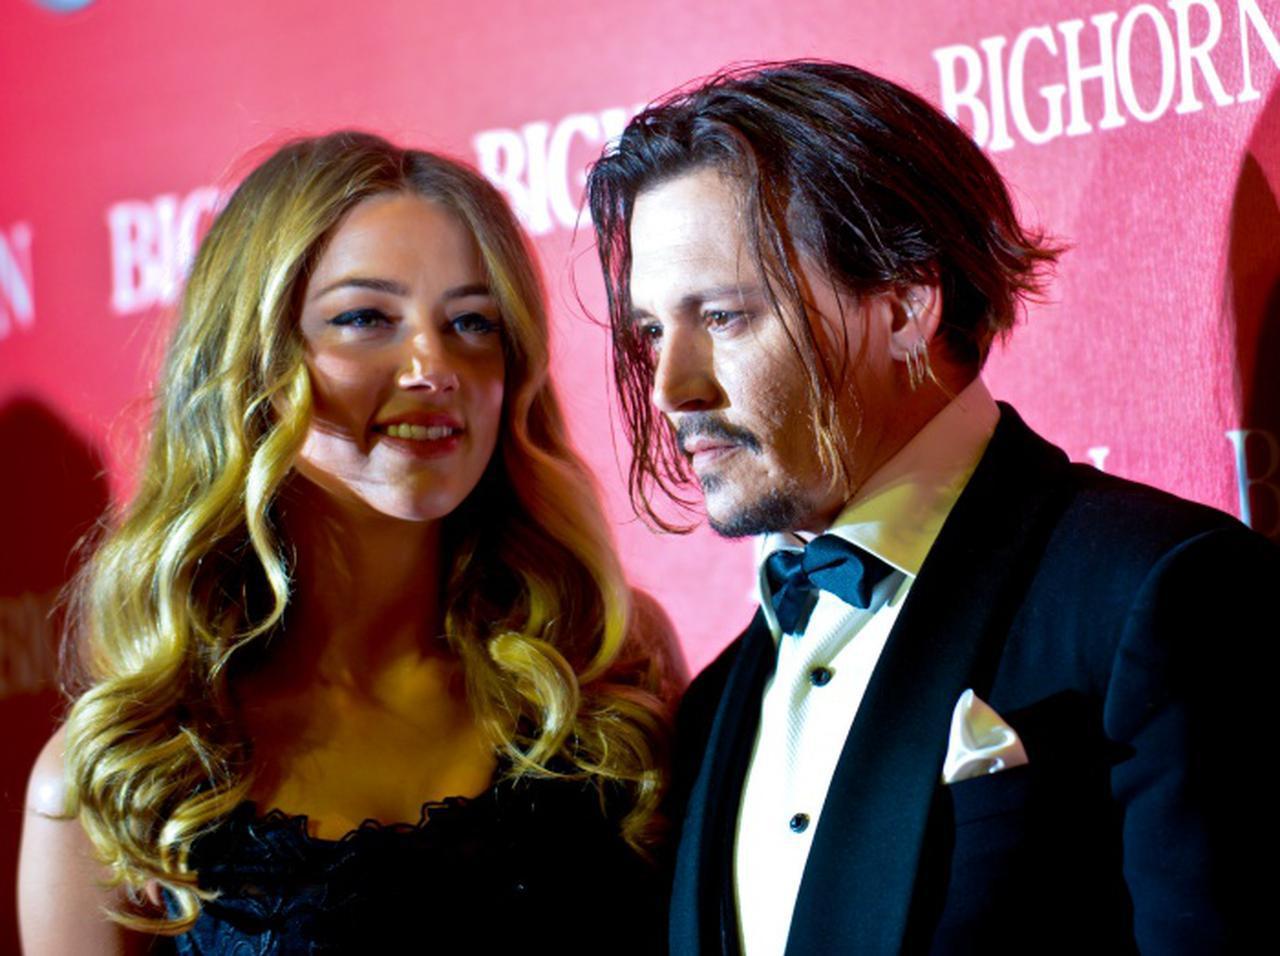 画像: ジョニー・デップ、元妻アンバー・ハードの『アクアマン』降板を求む - フロントロウ -海外セレブ情報を発信